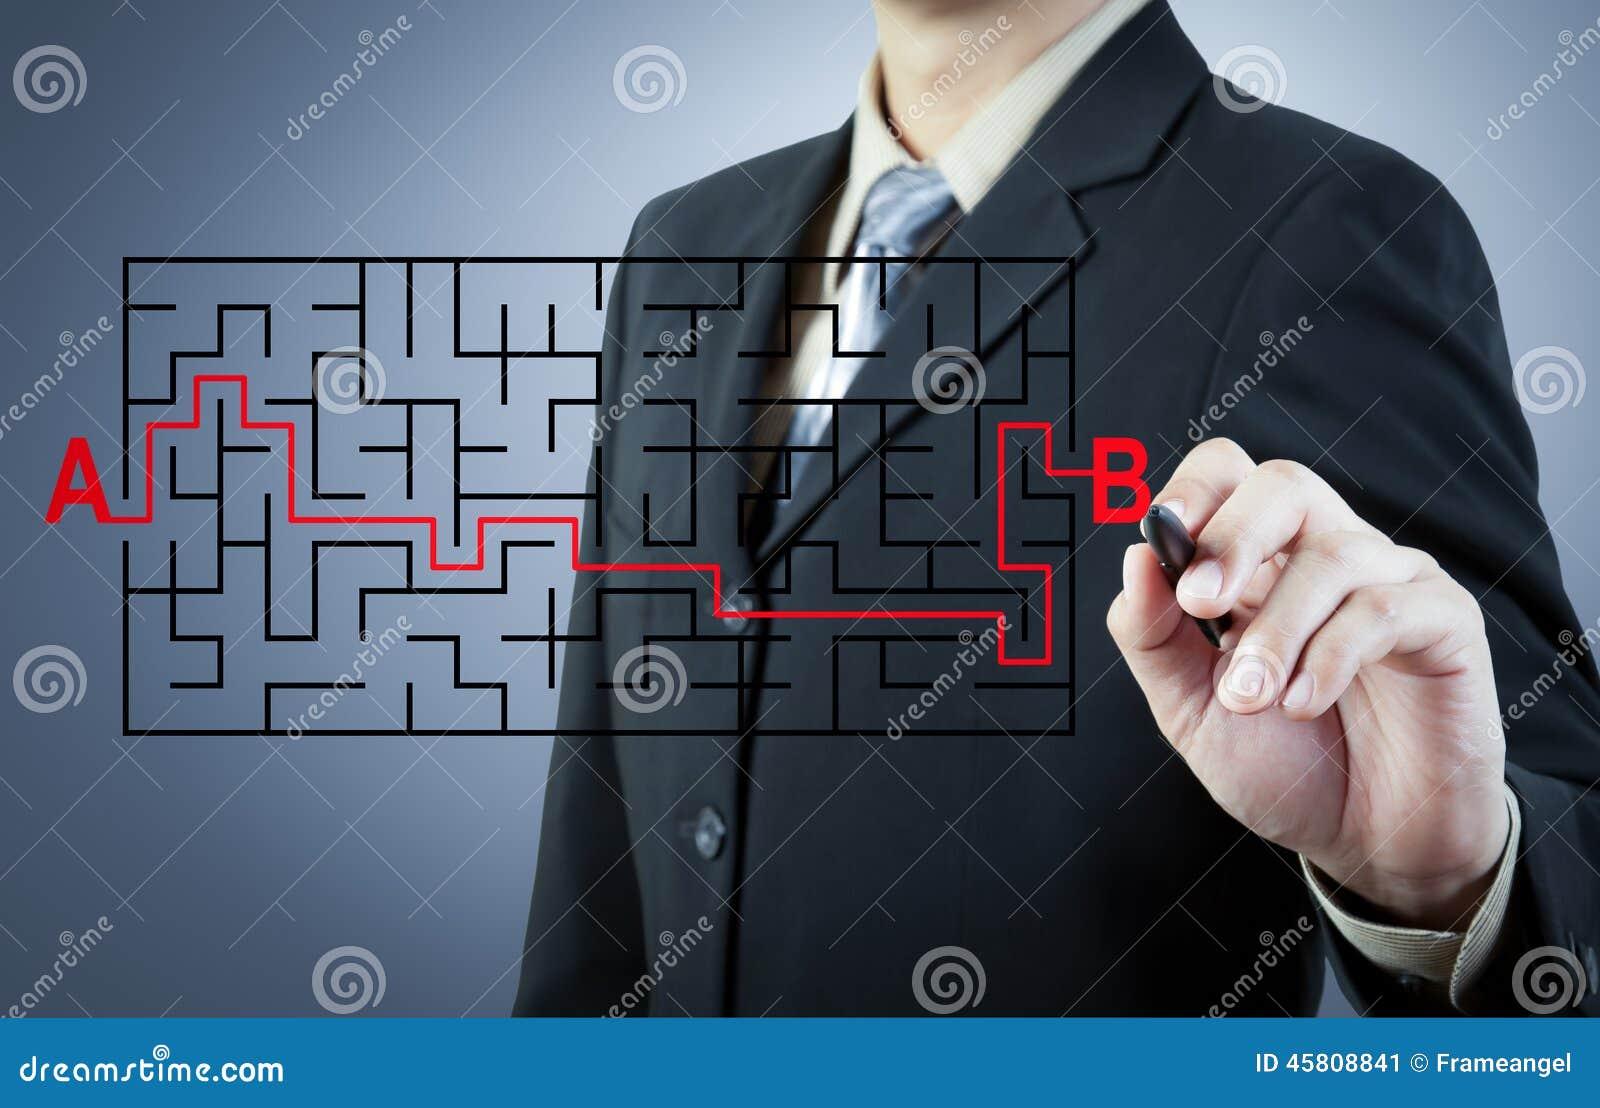 Biznesmen znajduje rozwiązanie od A b